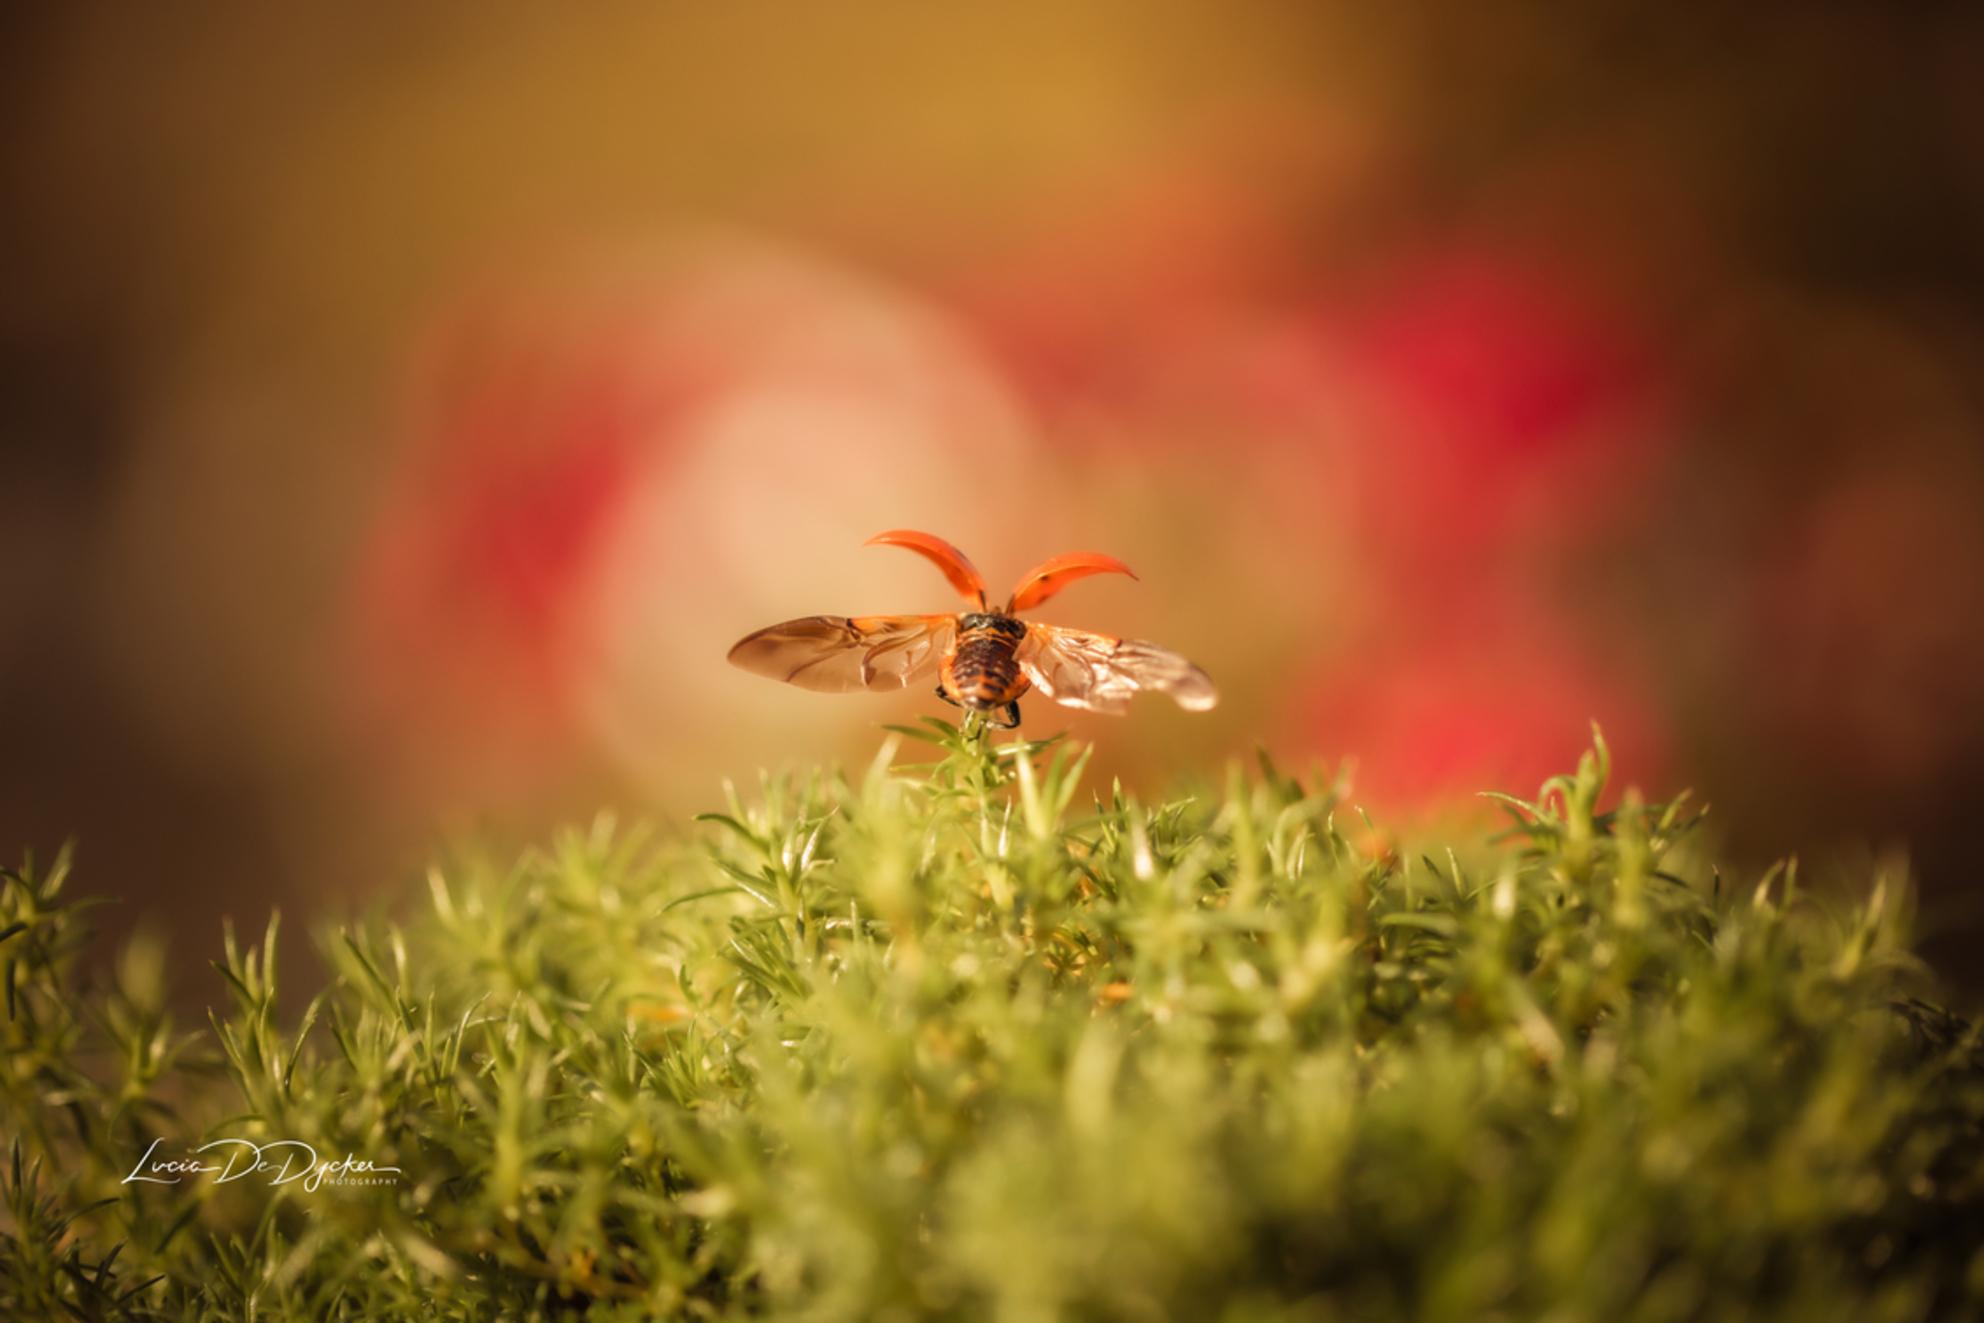 Ladybug - - - foto door luciadedycker op 01-03-2021 - deze foto bevat: groen, rood, macro, zon, bloem, lente, natuur, lieveheersbeestje, bruin, geel, licht, oranje, tuin, insect, bokeh - Deze foto mag gebruikt worden in een Zoom.nl publicatie